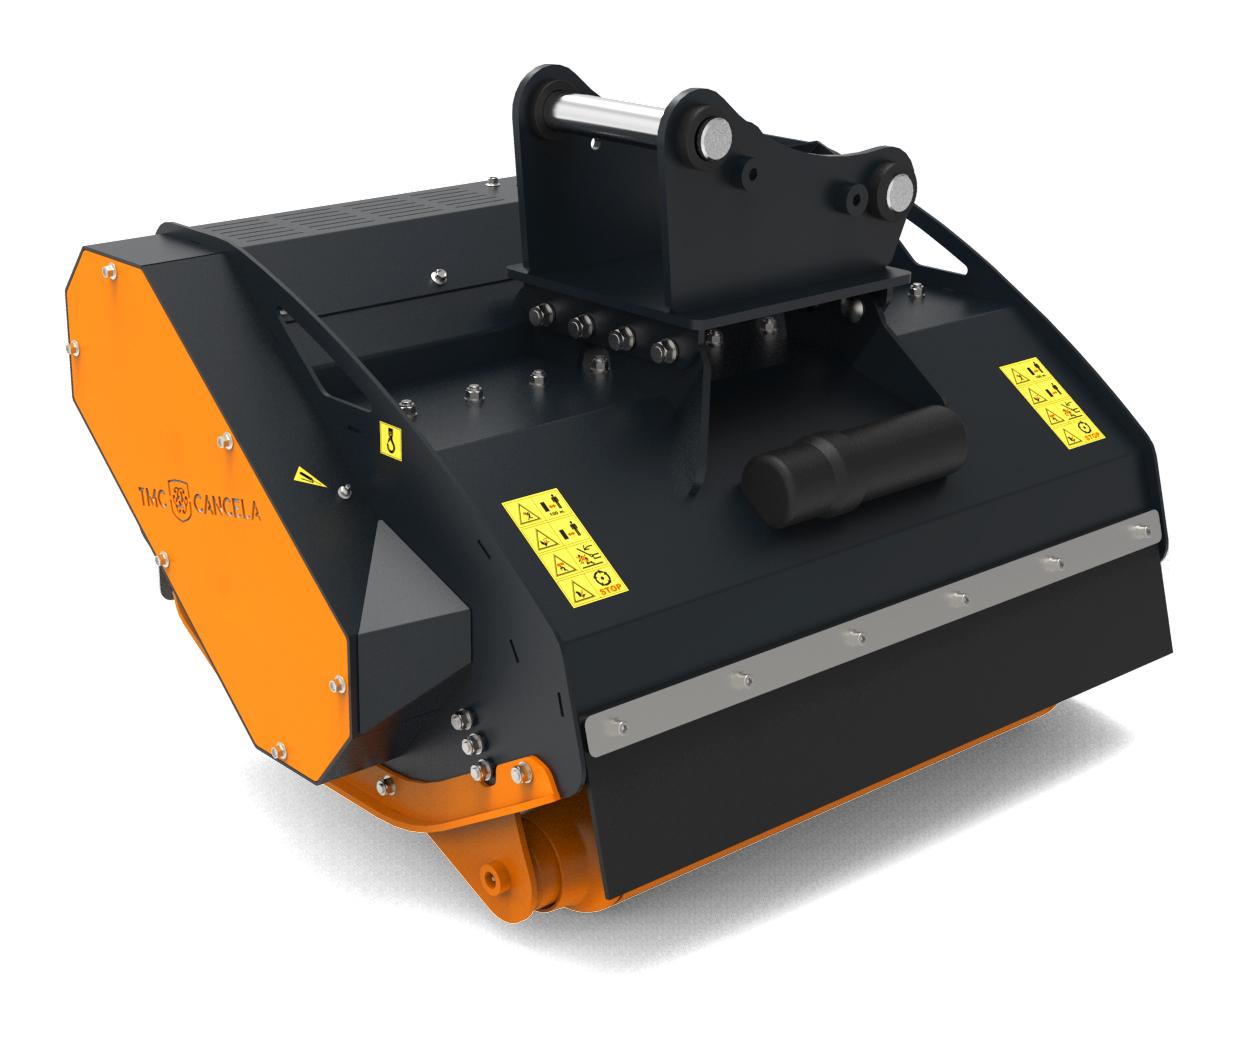 THL 2 Trinciatrice Trincia Trituradora Triturador Hidraulica